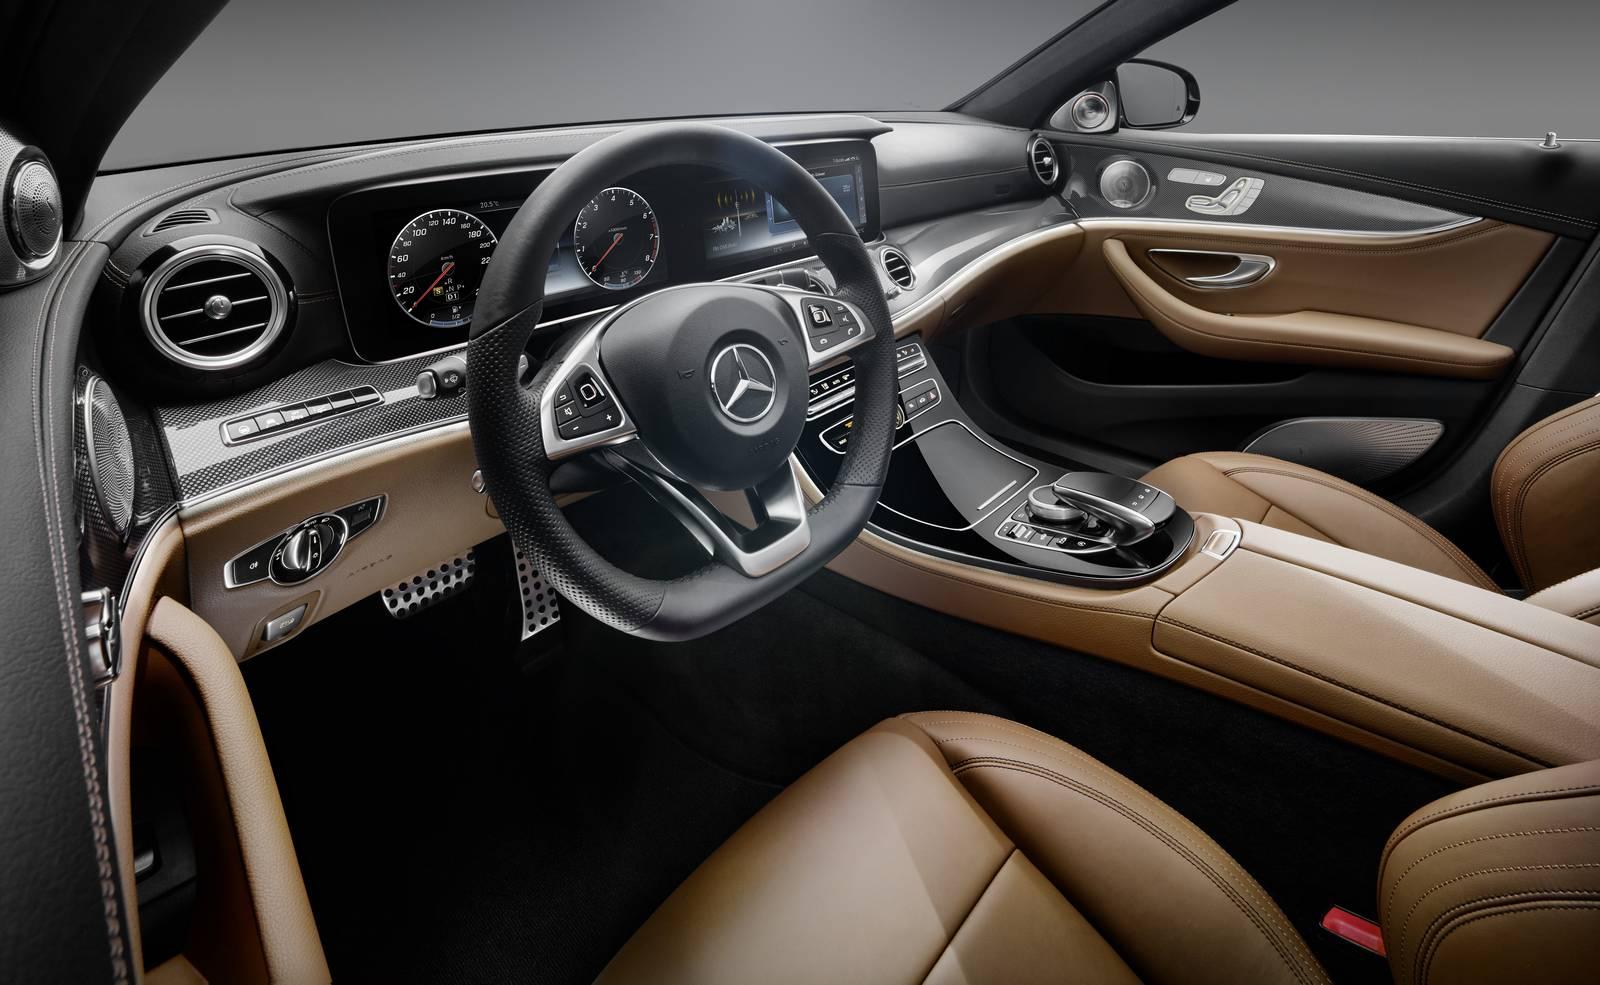 2017 mercedes benz e class design preview gtspirit for E interior design